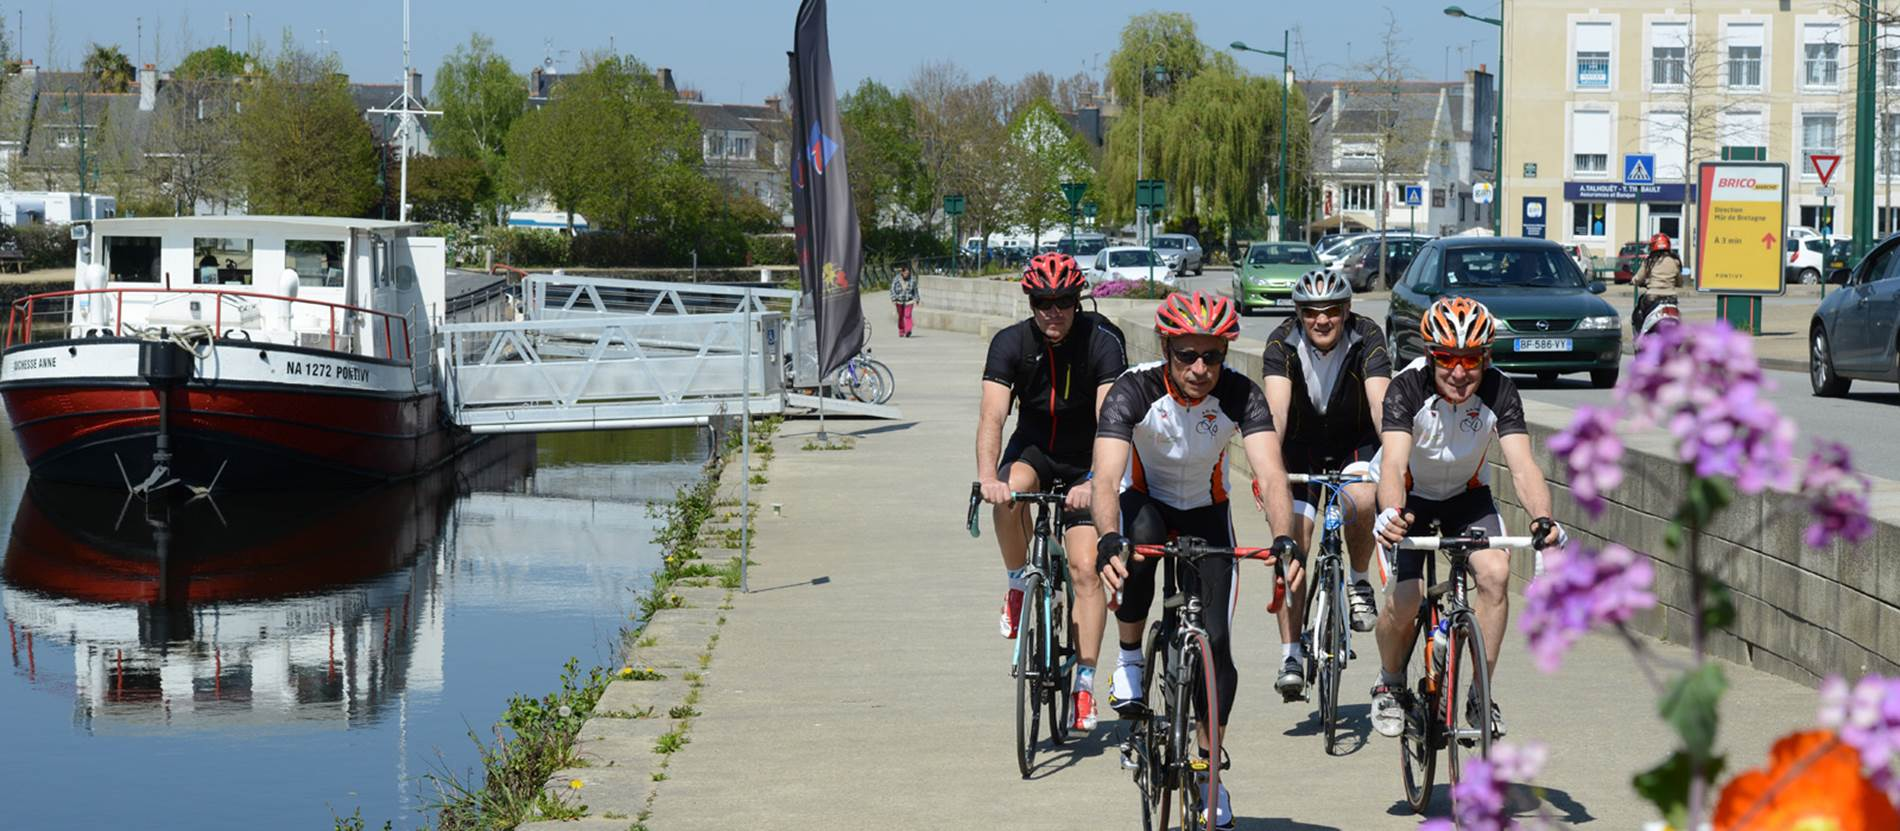 Les circuits Jean Robic dans la roue d'un grand cycliste © Morbihan Tourisme